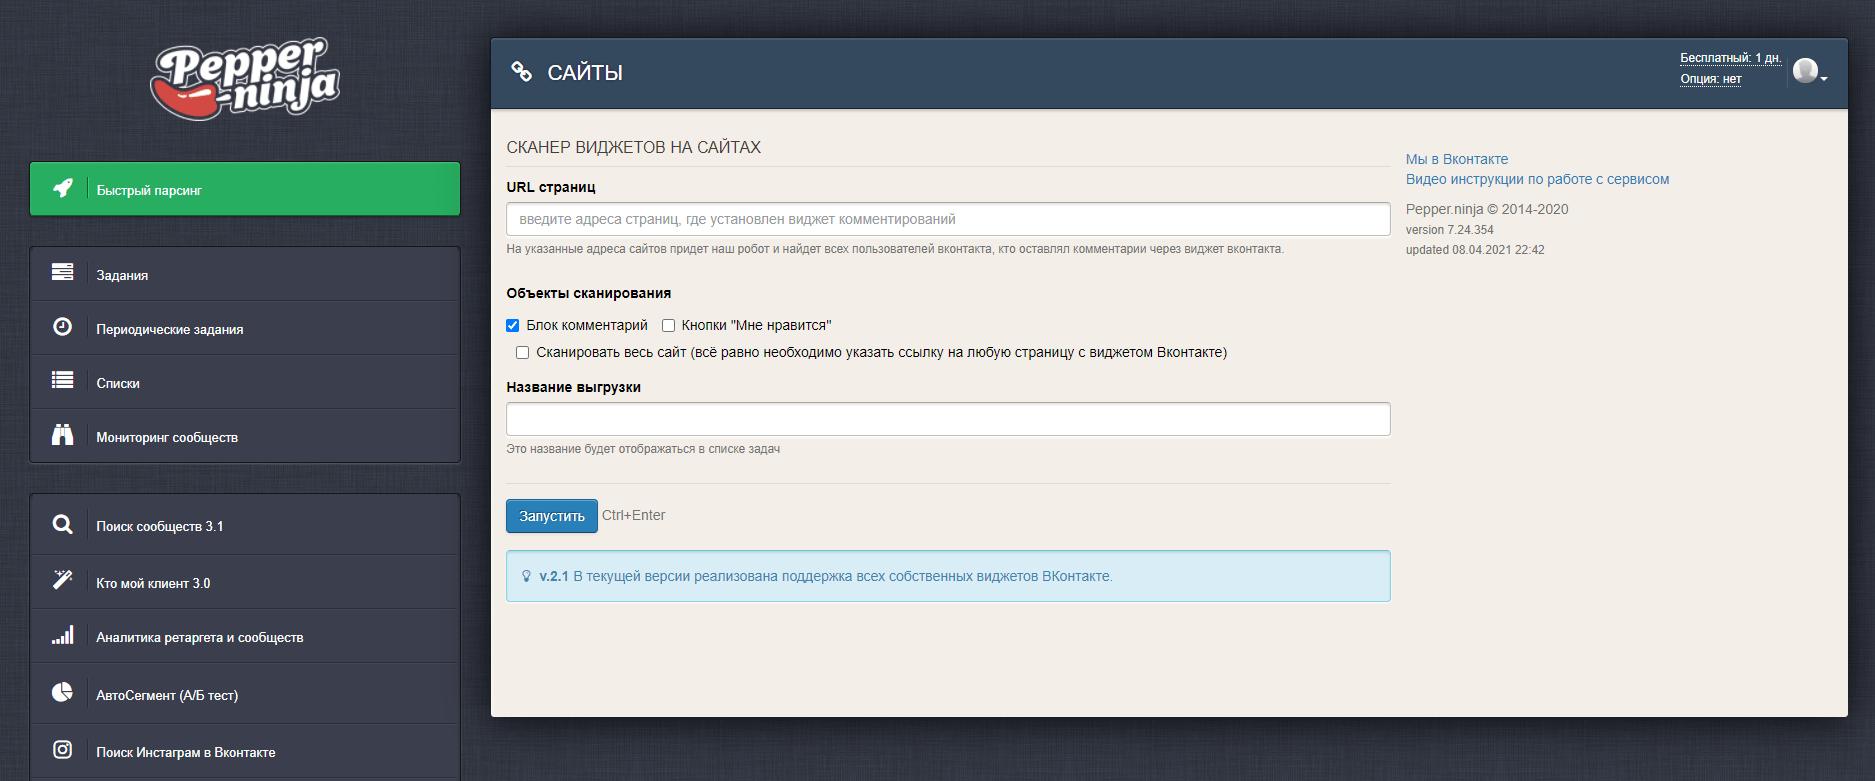 Если нужно спарсить данные со всех страниц одного сайта, введите ссылку на одну страницу с виджетом и отметьте галочку «Сканировать весь сайт»